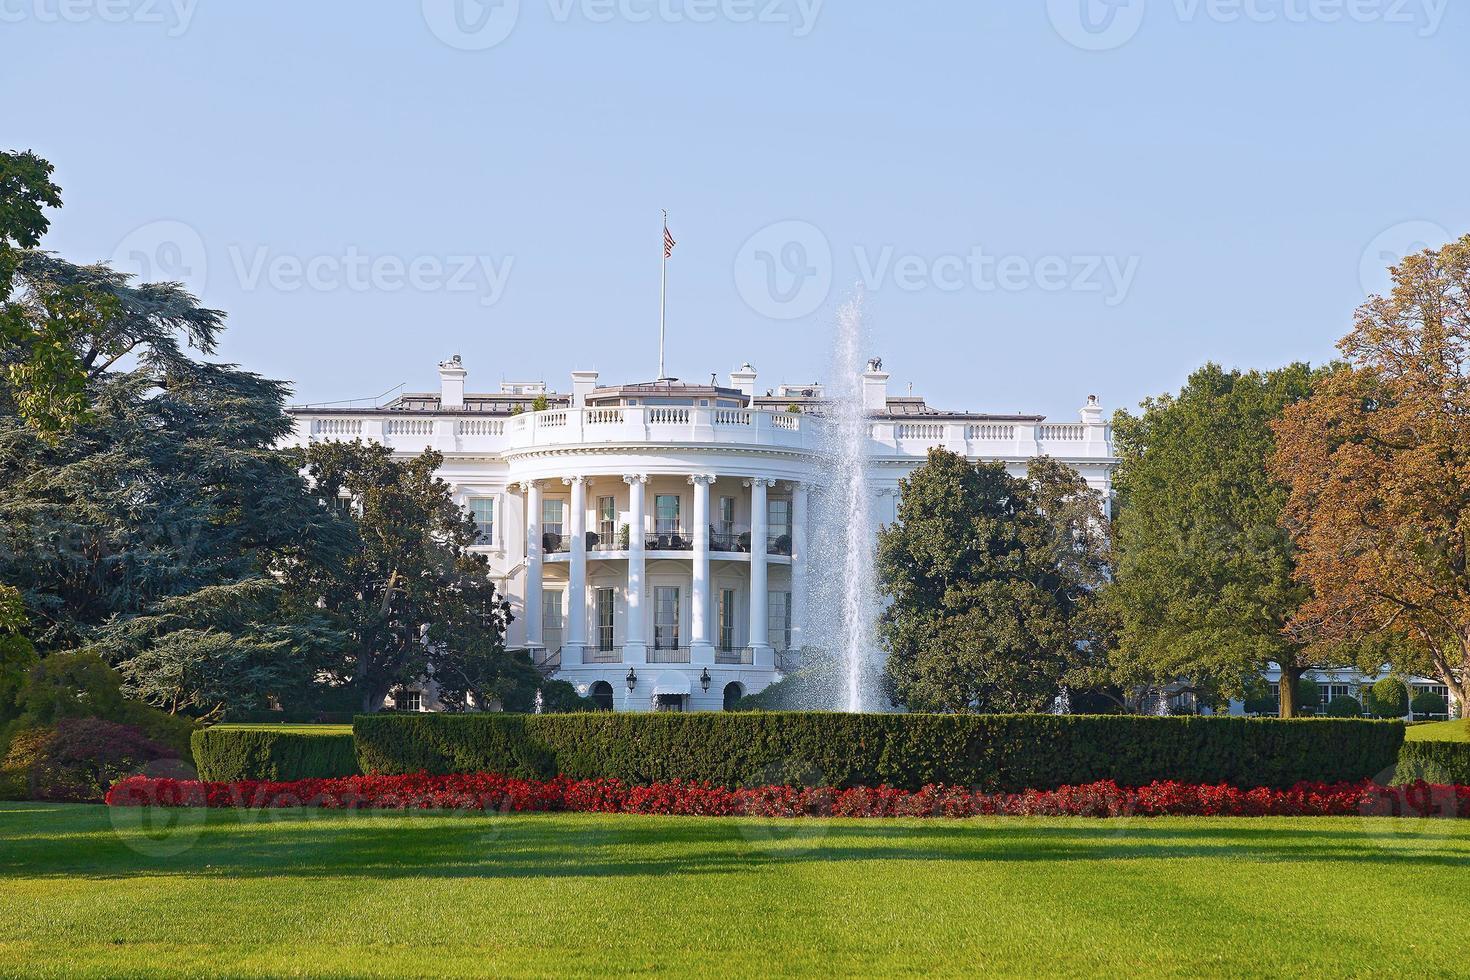 la casa bianca a washington dc. foto